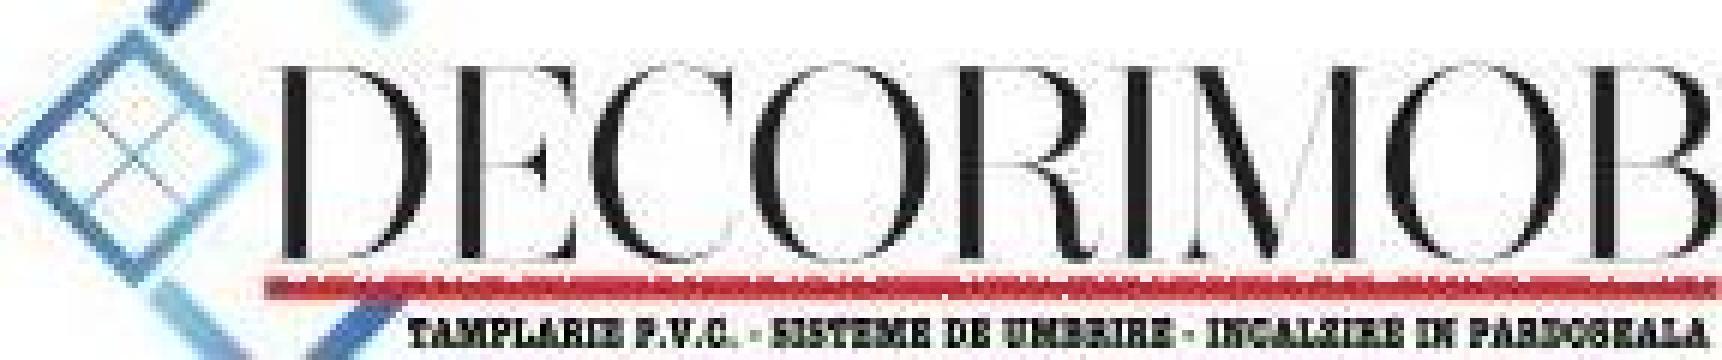 Geamuri termopan profile PVC de la Sc Decorimob Srl